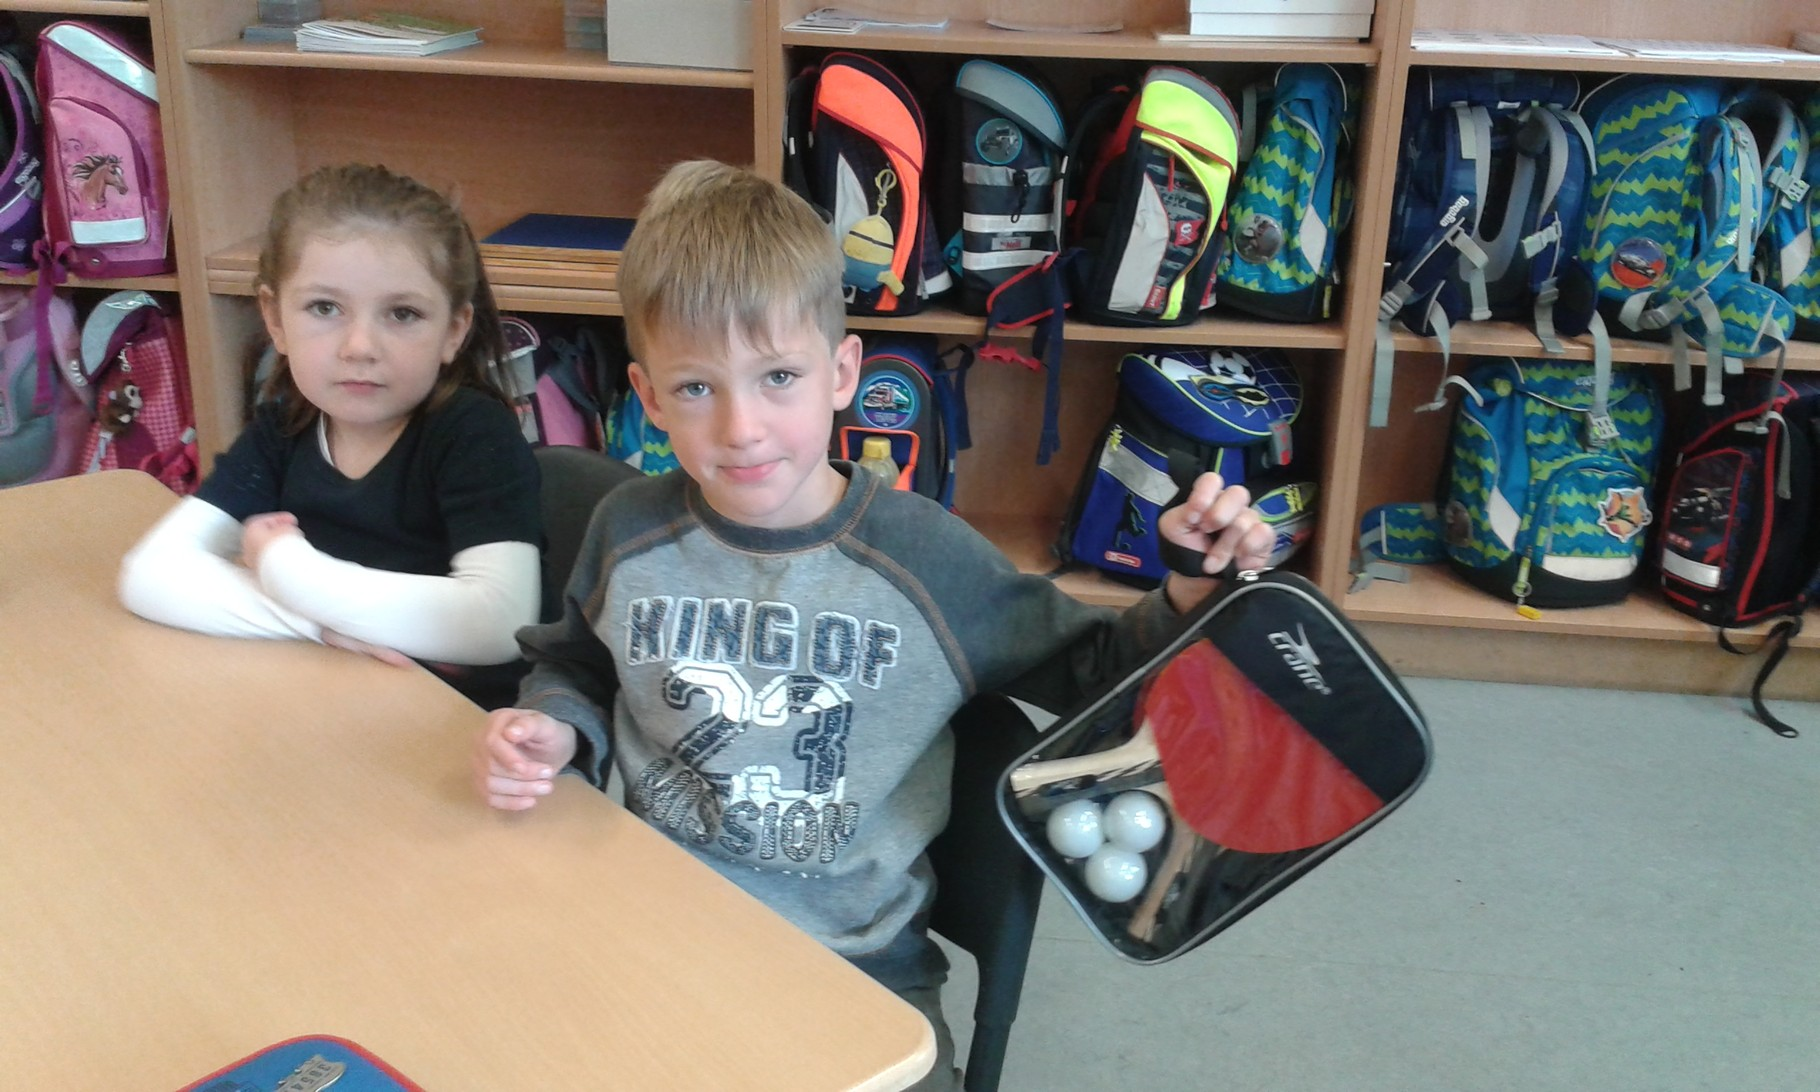 Tischtennisschläger und dazugehörige Bälle